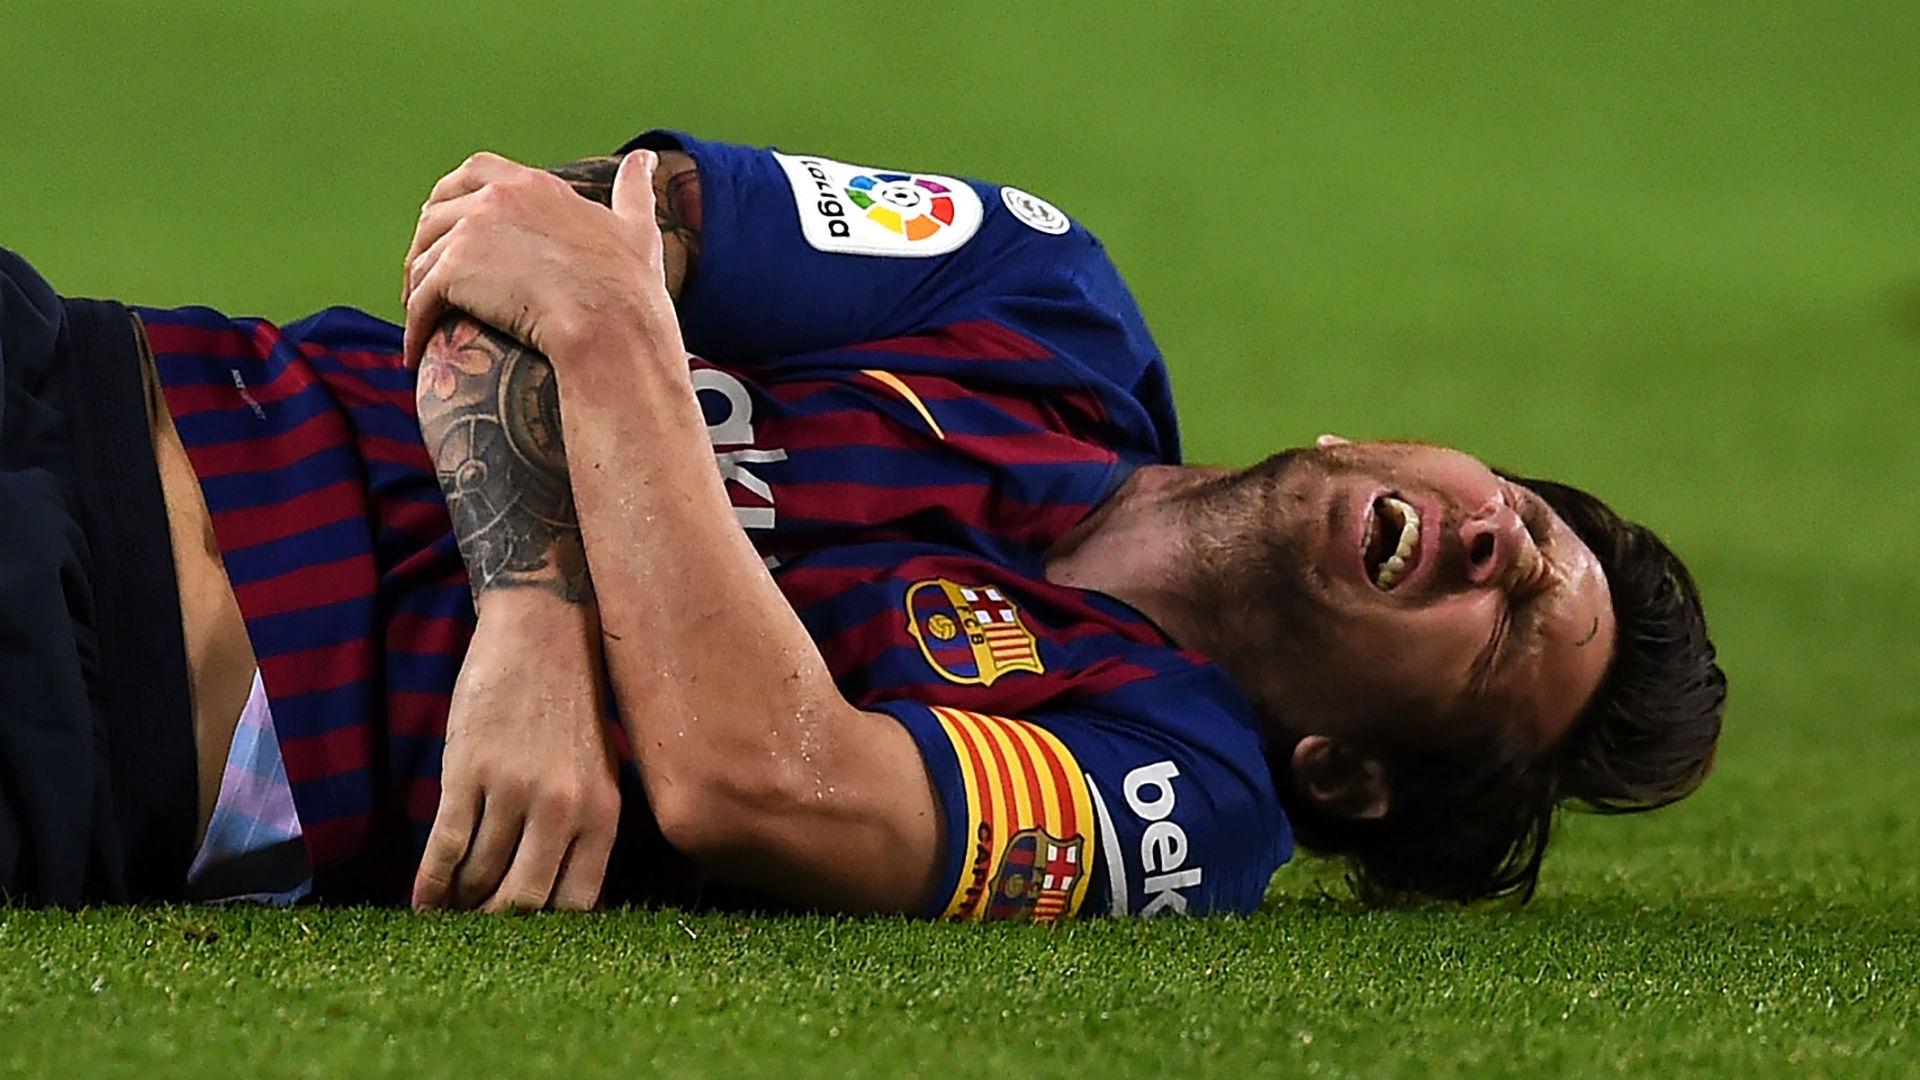 Lionel-messi-hurt-barcelona-sevilla_zfitn753d8uc1lbye8e7qbfr3